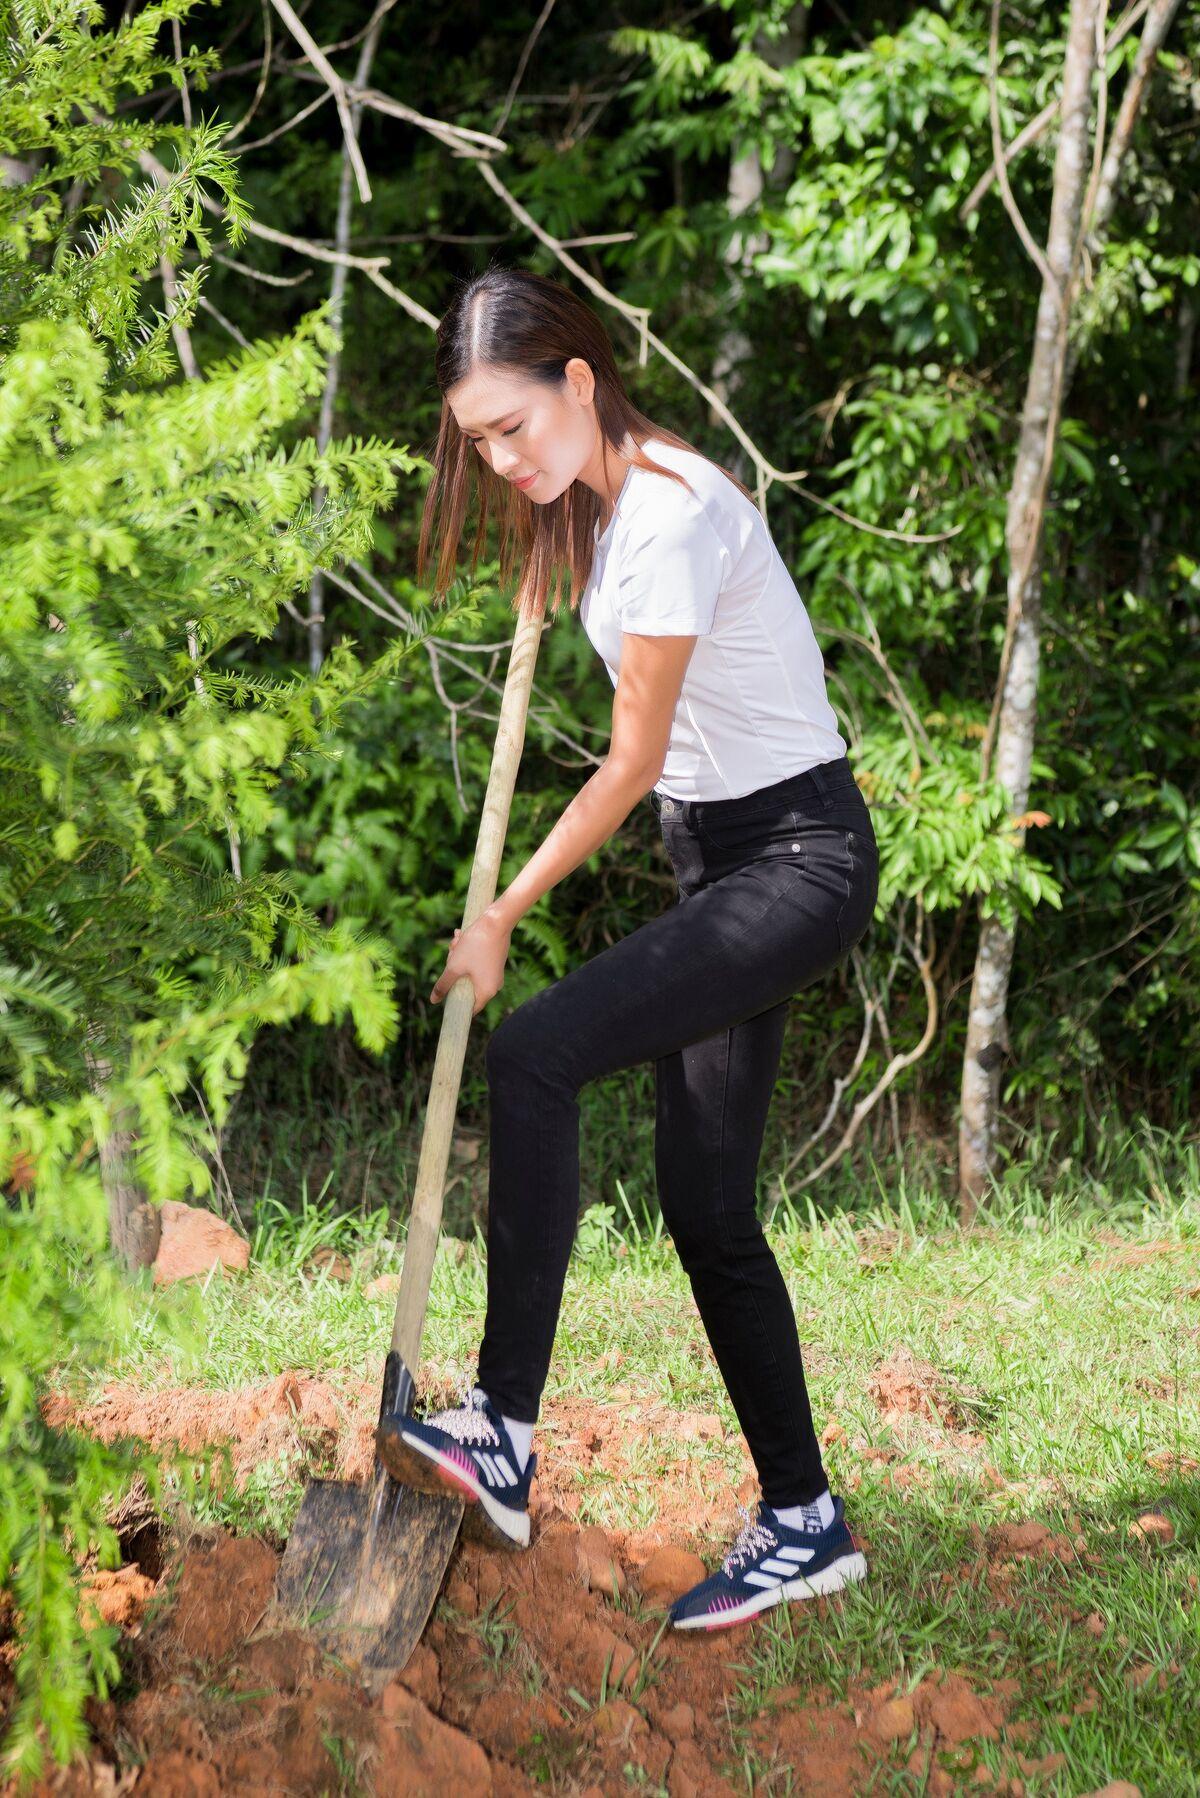 Trúc diễm diễm hương trồng cây ở lâm đồng - 8